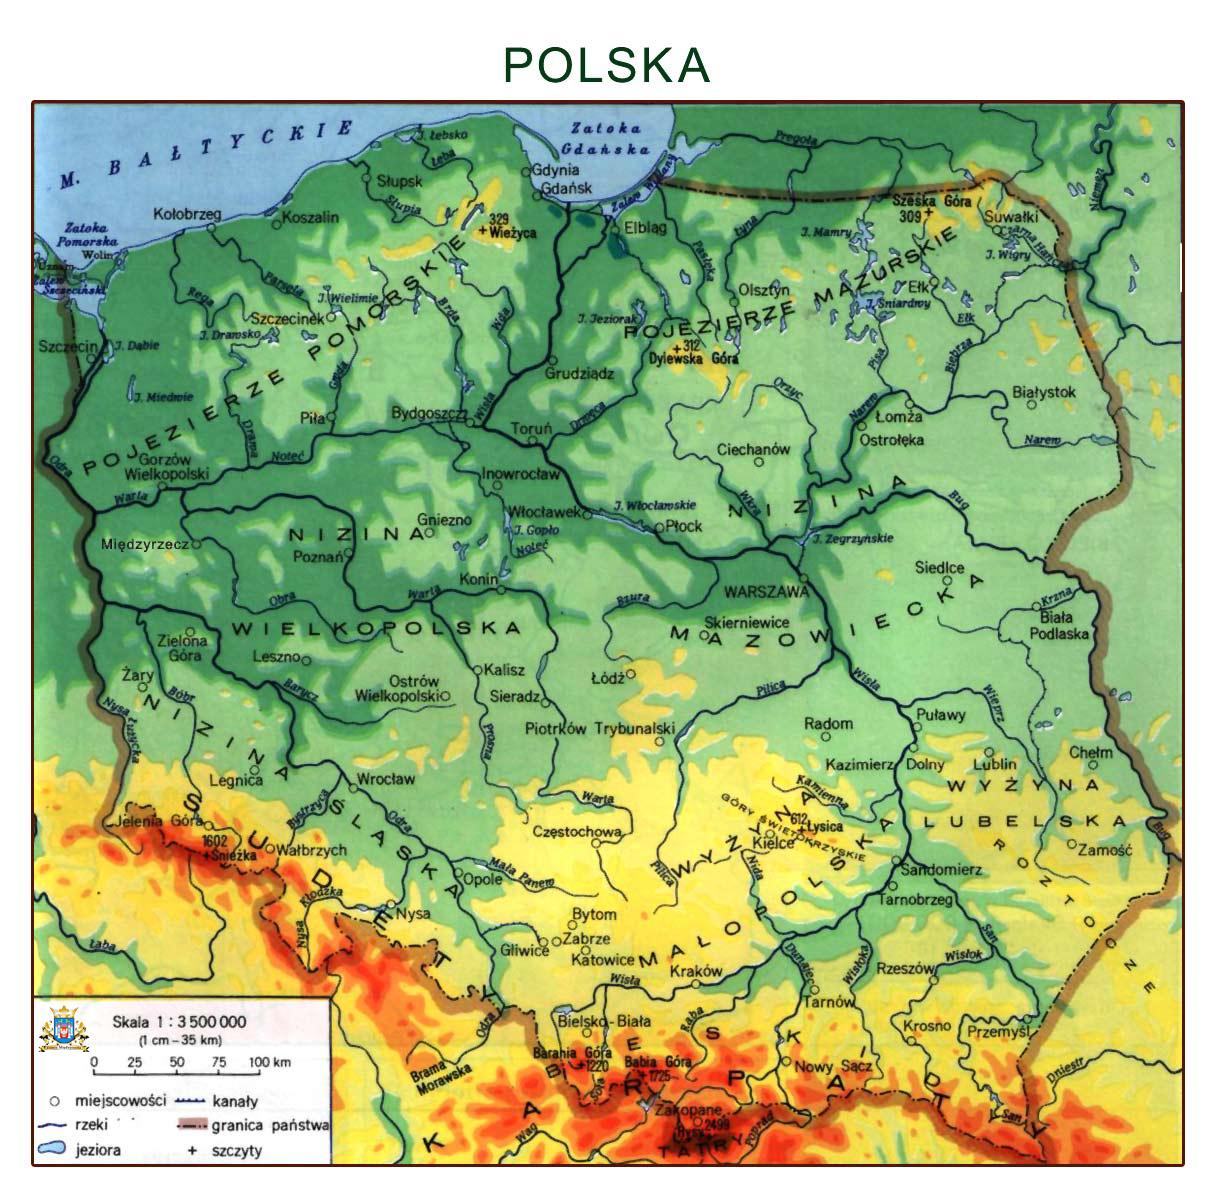 13 Maj U0026quot Mapa Polski U0026quot Przedszkole Nr 10